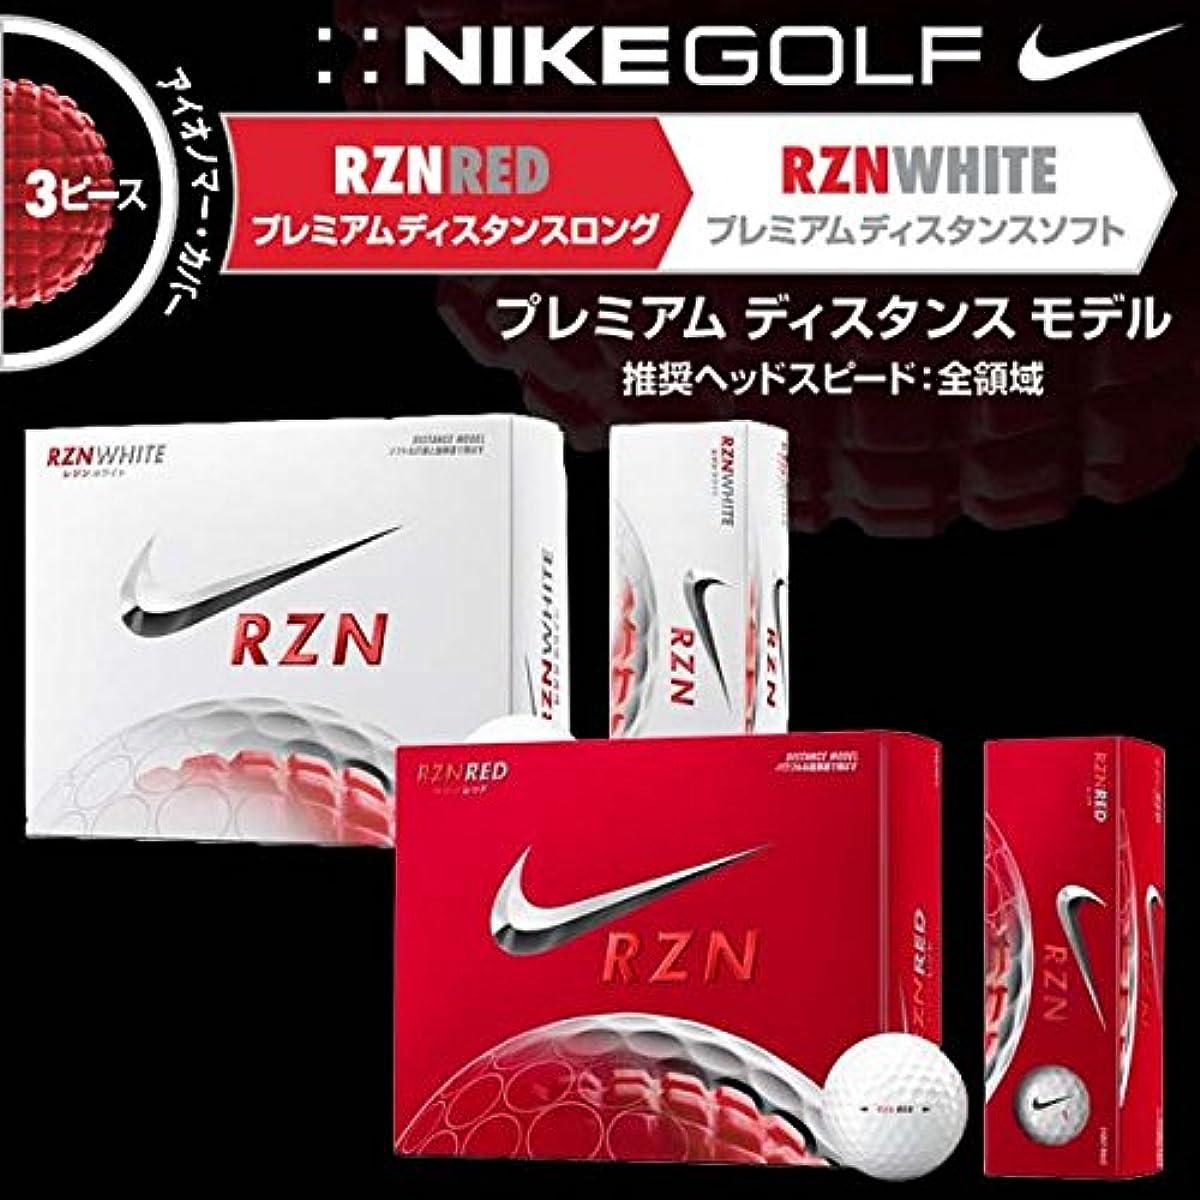 [해외] NIKE(나이키) 일본 사양 2014모델 RZN 3피스 프리미엄 디스텐스(distance) 모델 레진 레드 화이트 골프 볼 1다스 12공